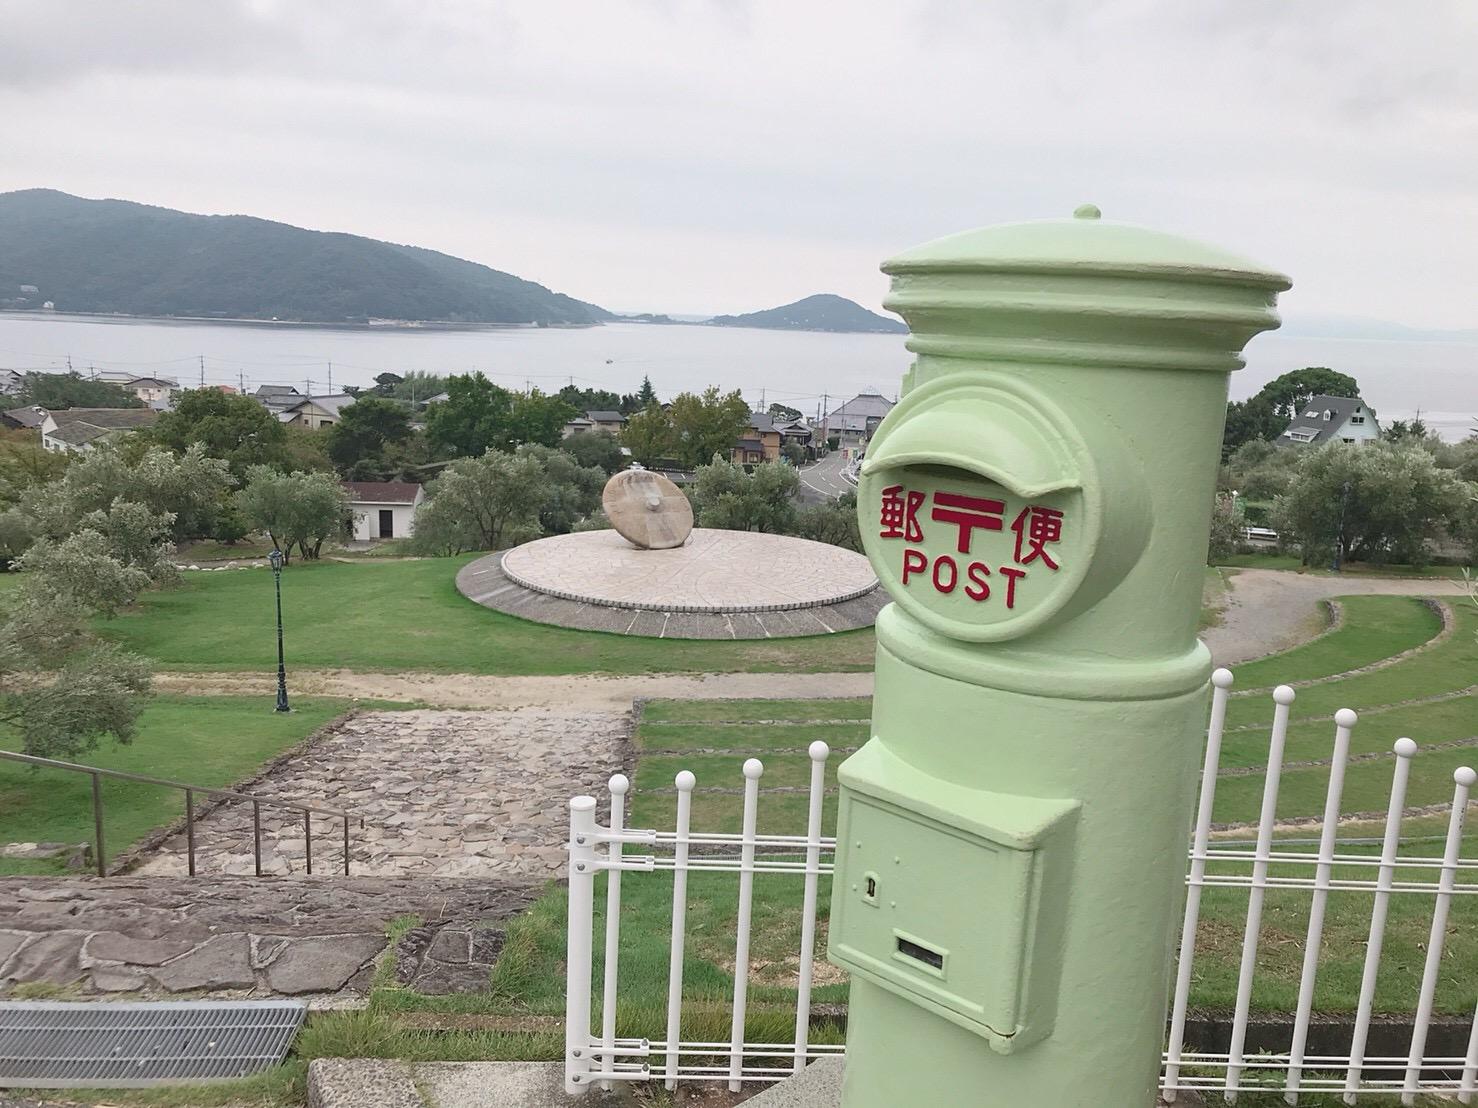 小豆島オリーブ公園の郵便ポストの画像